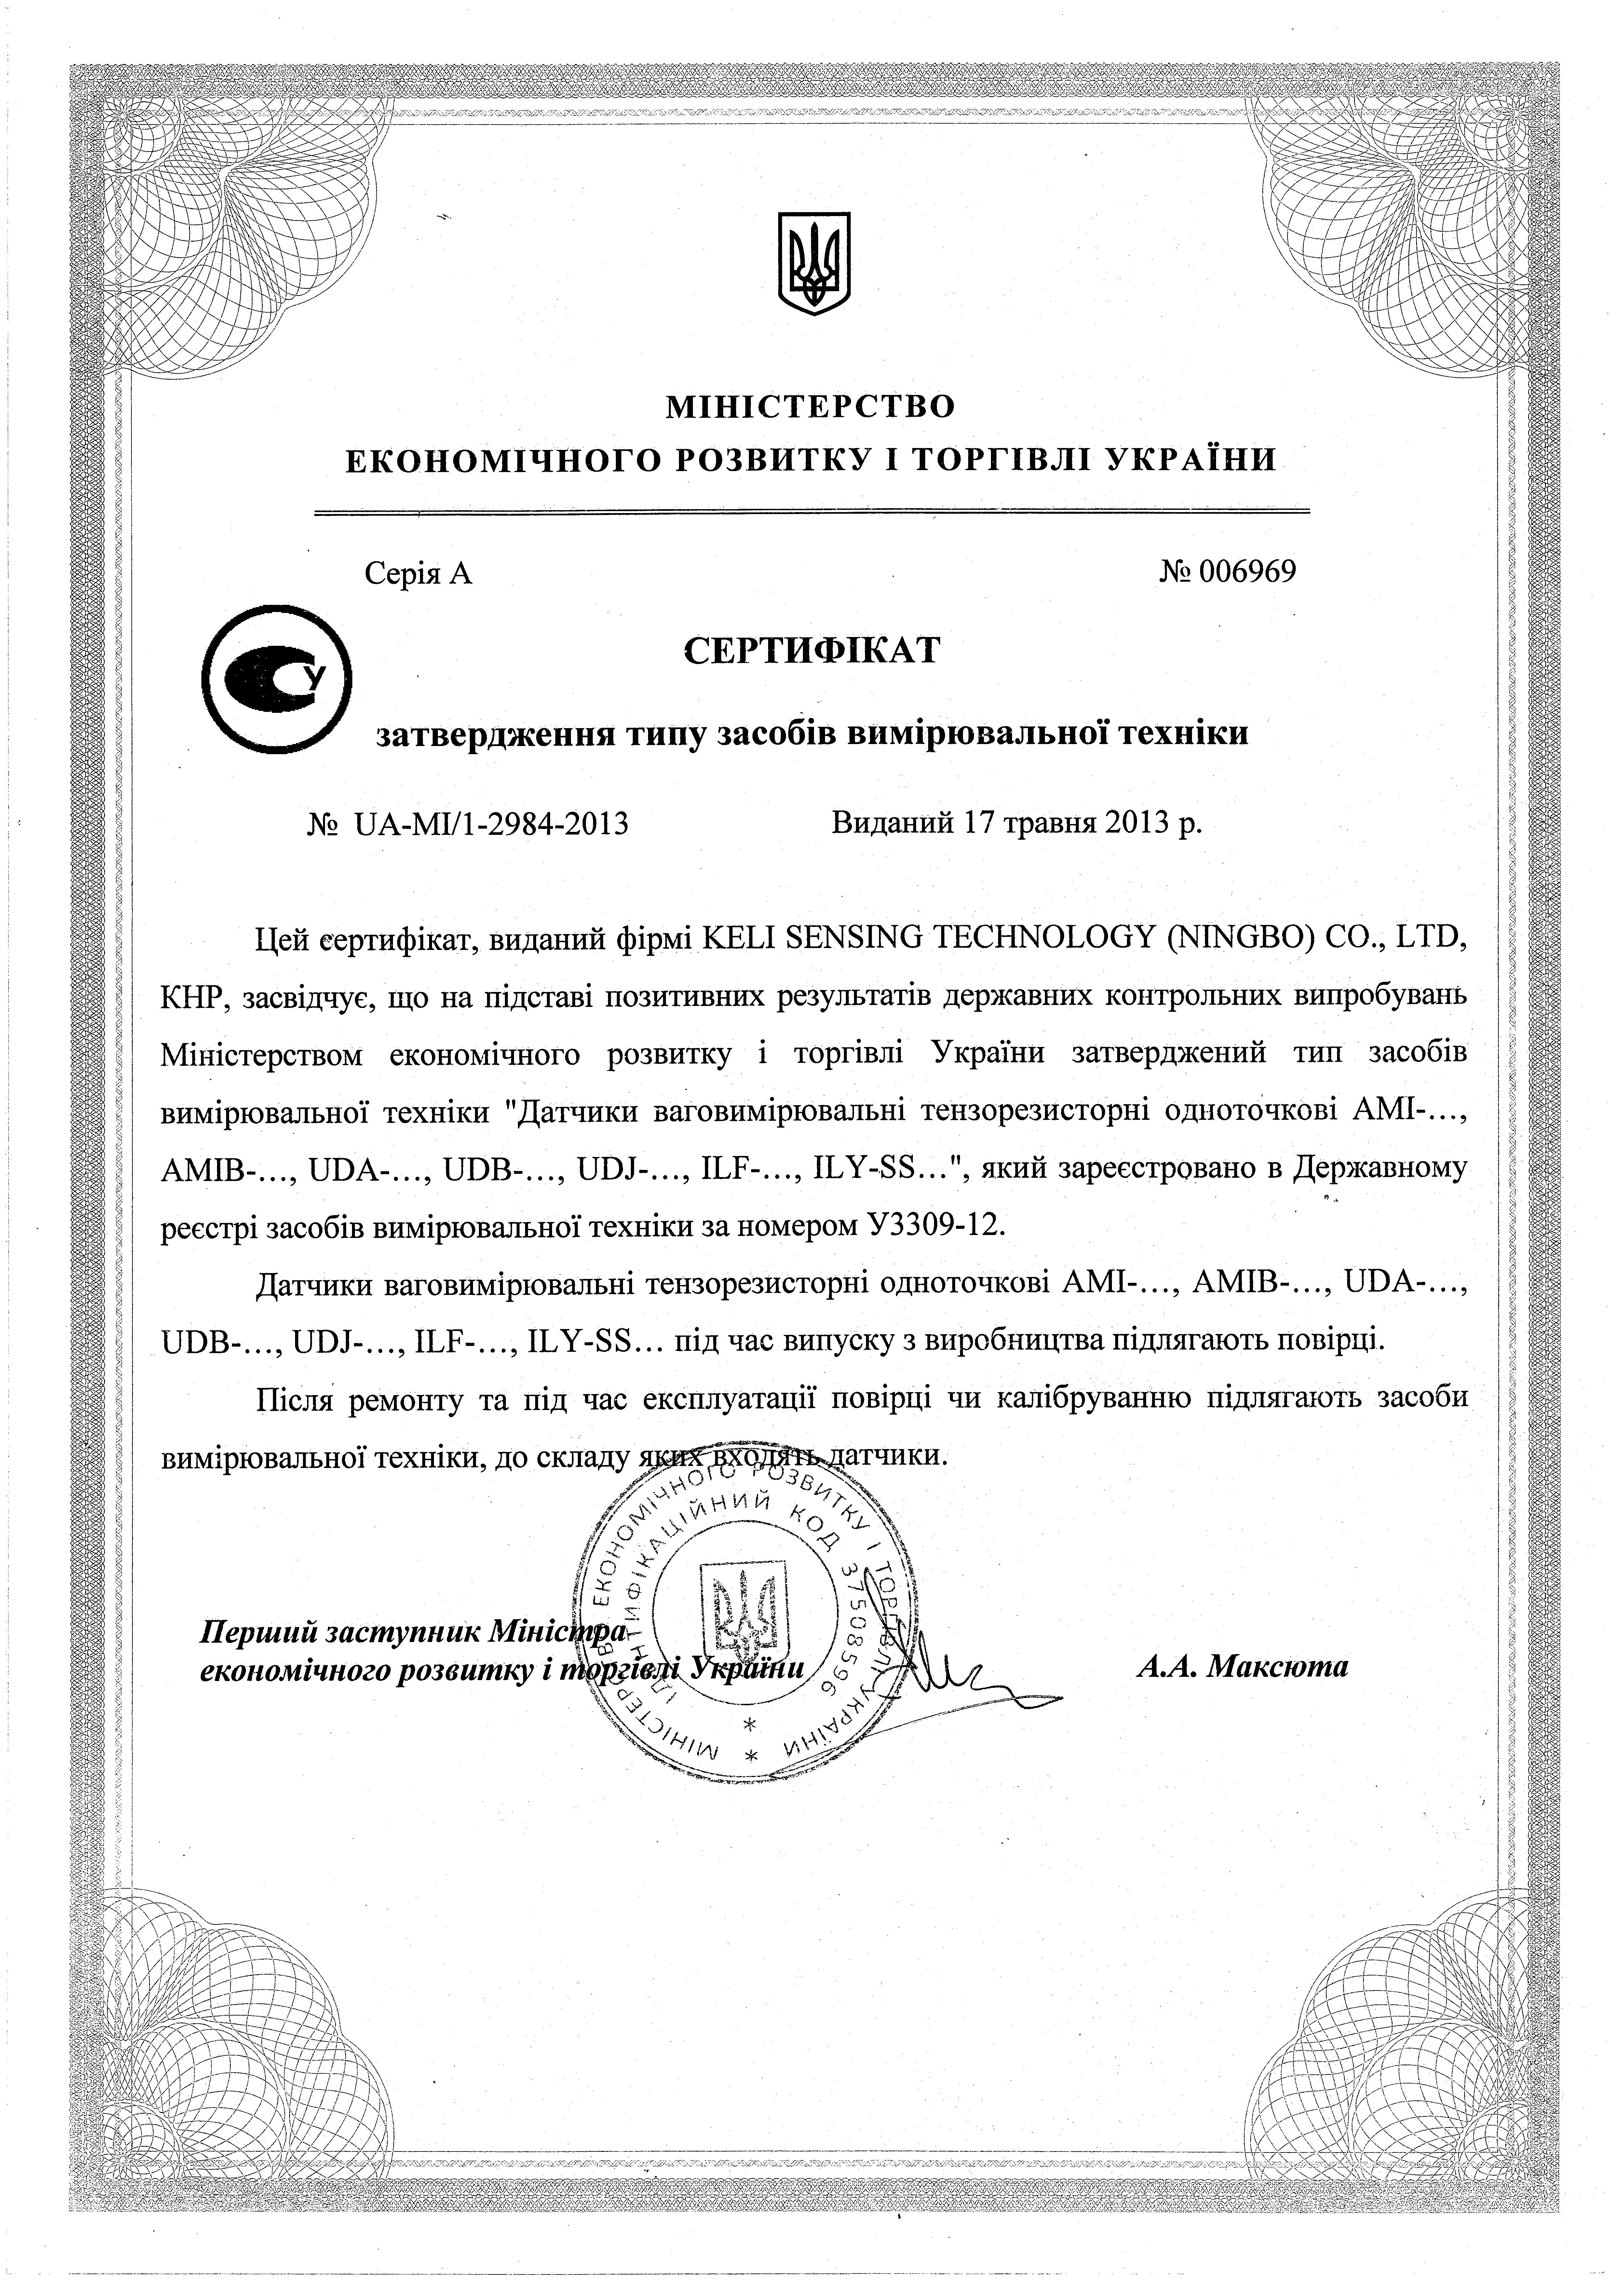 KELI сертификат утверждения типа одноточечные датчики У3309-12